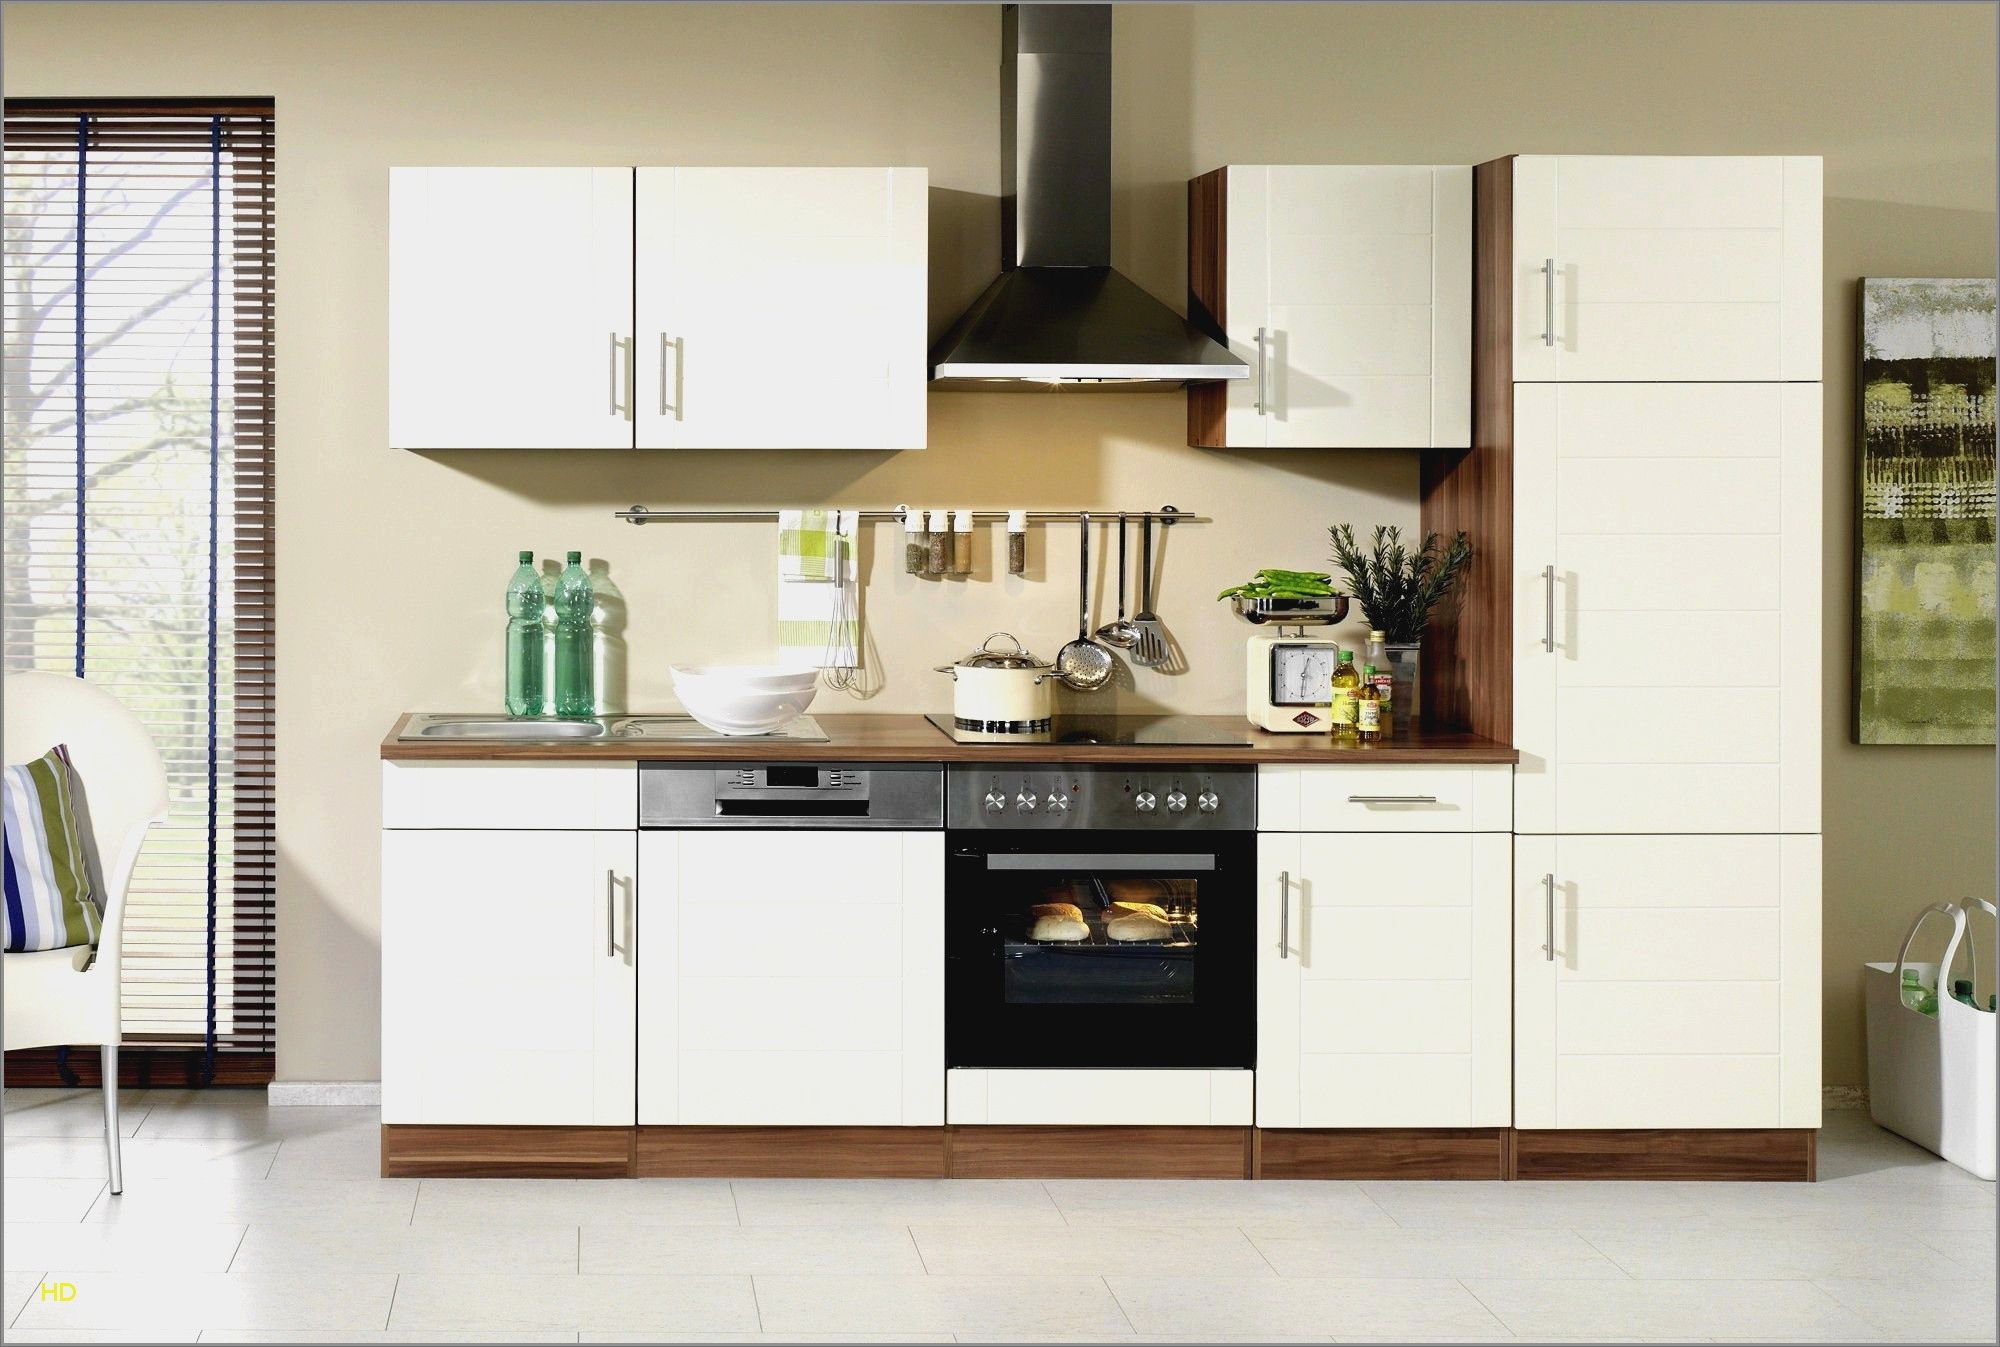 31 Das Beste Von Roller Kuchen U Form Home Kitchen House Design